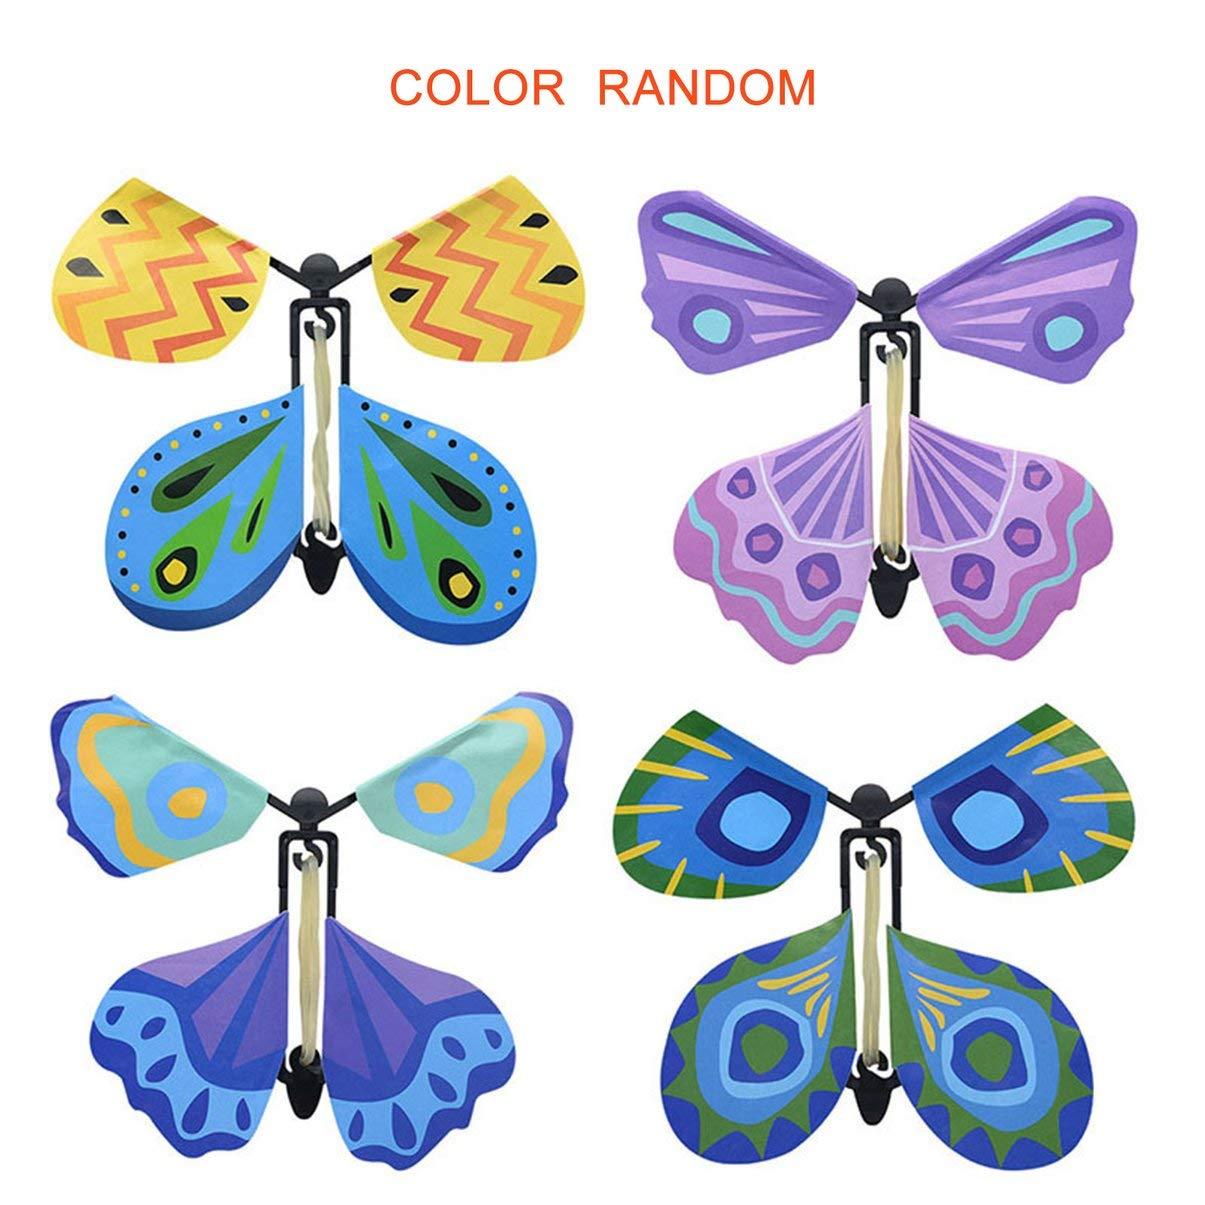 JullyeleFRgant Créatif Volant Papillon Roman Enfants Accessoires Magiques Jouet pour Enfants Drôle Jeux Gadgets Jouet Éducatif Couleur Aléatoire